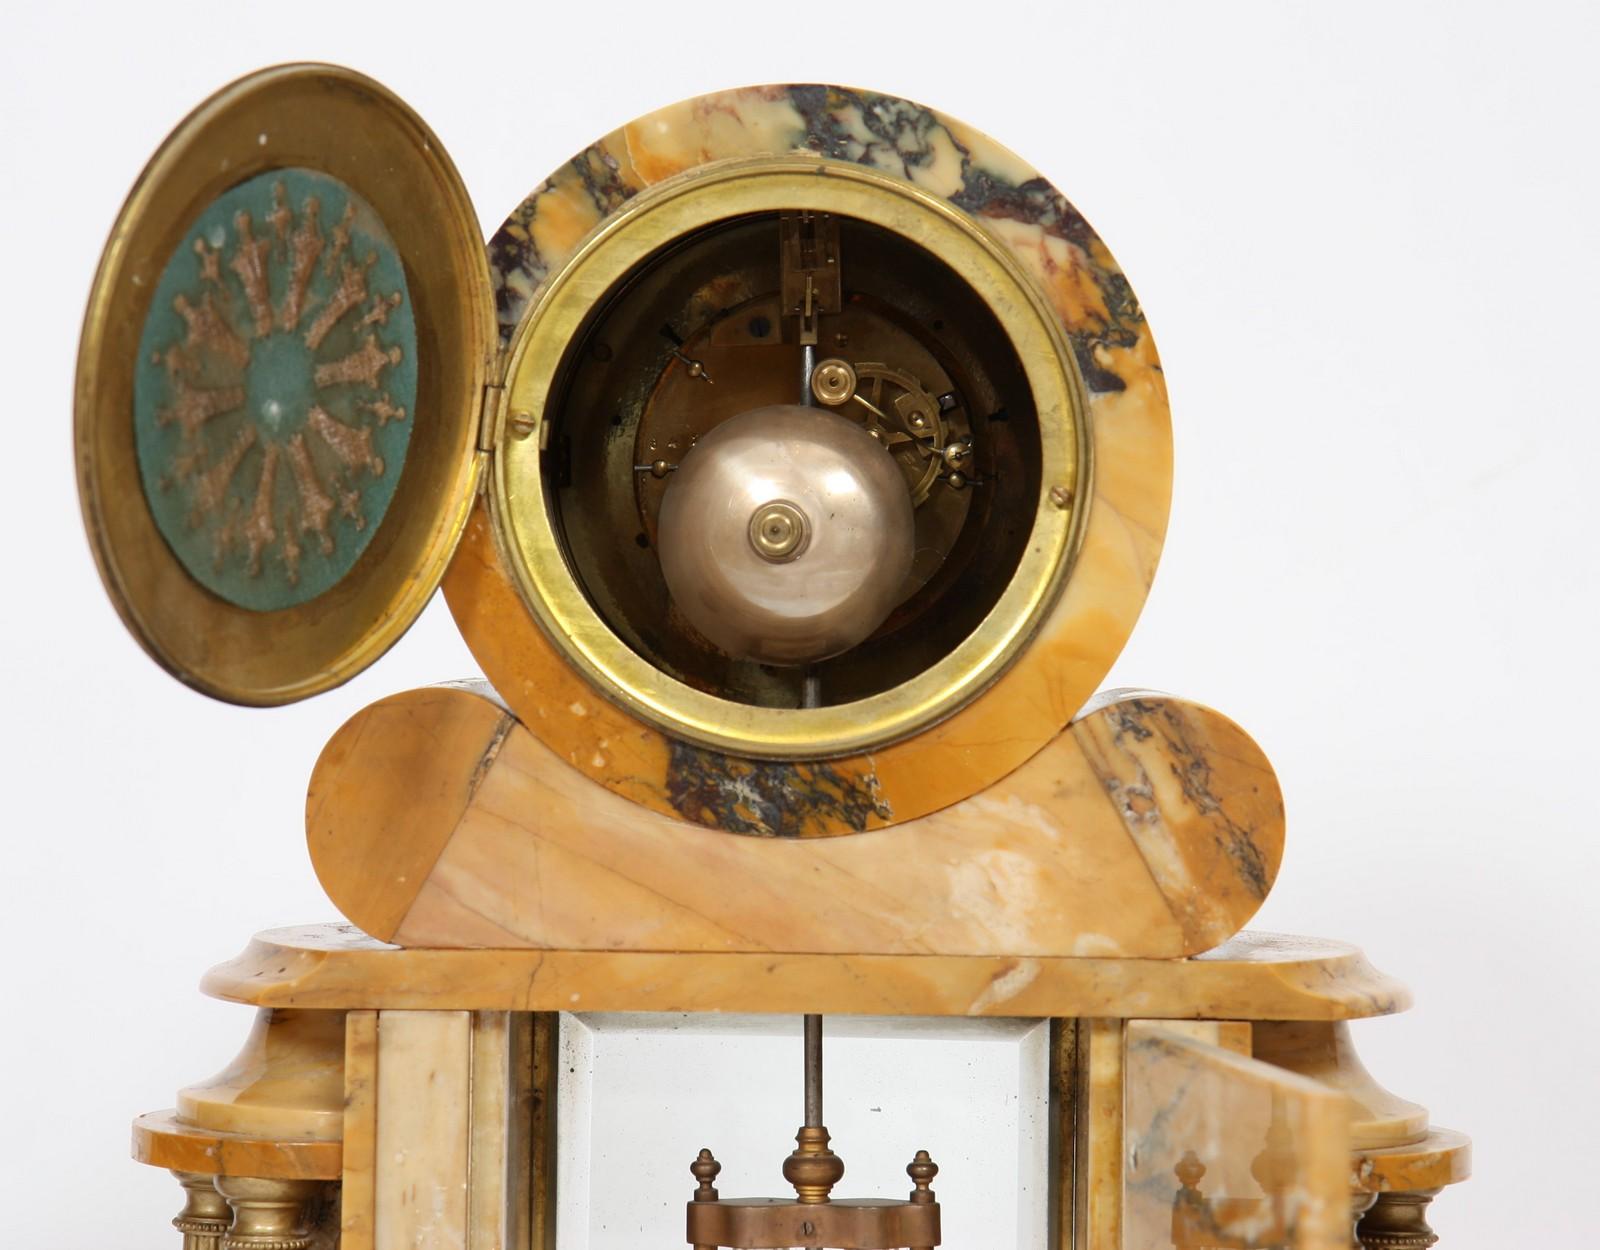 GARNITURE EN MARBRE 1930 Composée d'une pendule et d'une paire de cassolettes en marbre, à - Image 4 of 4